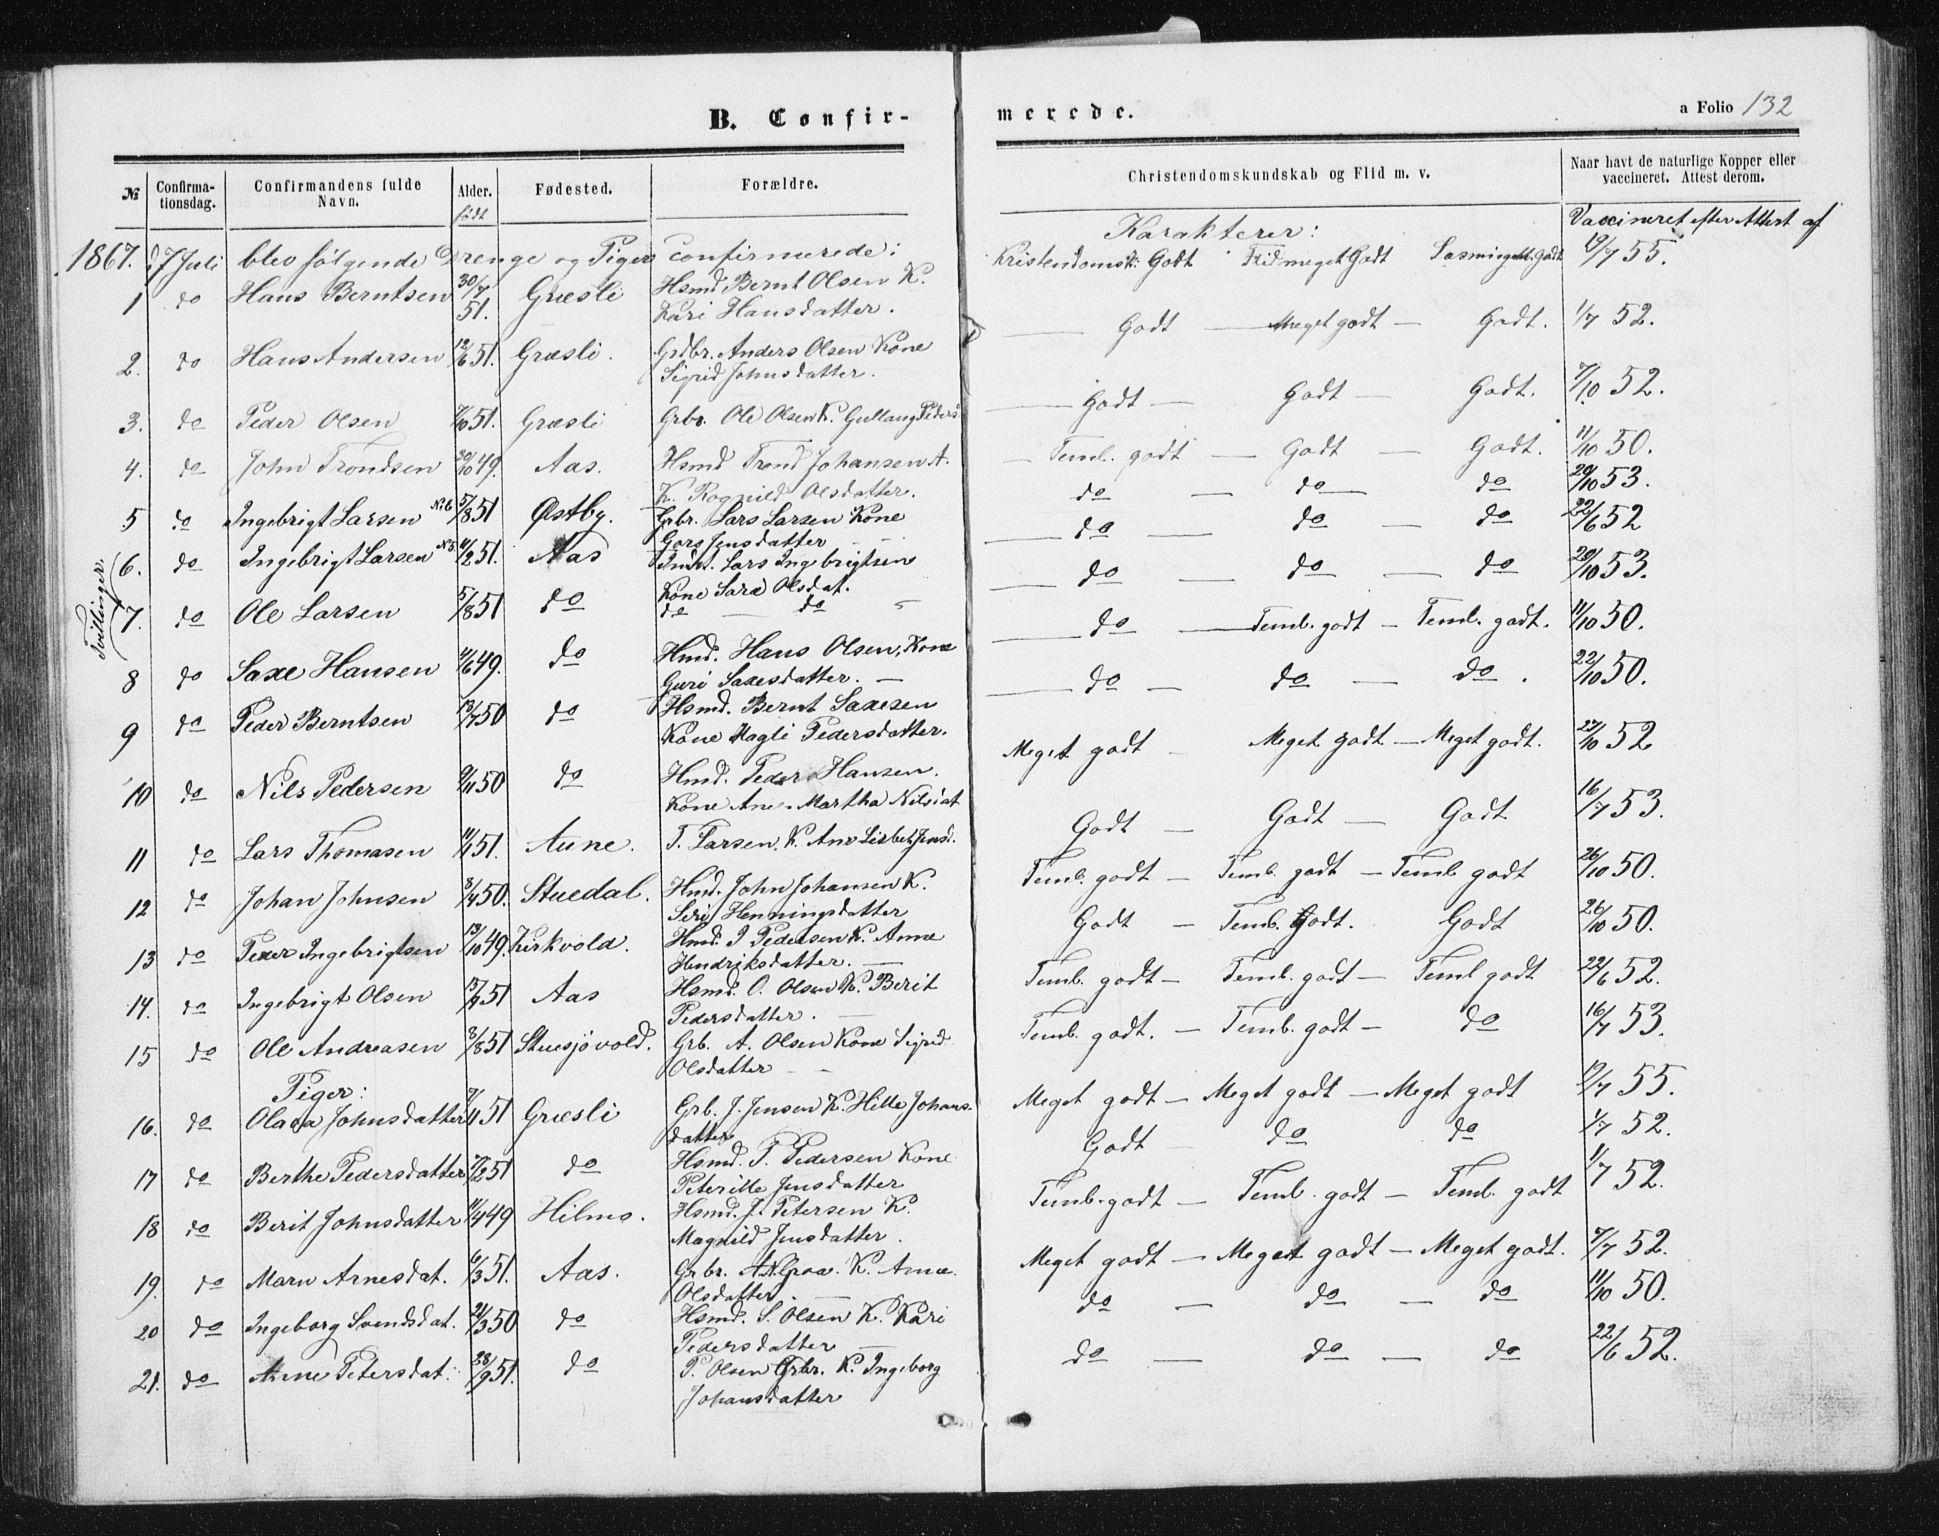 SAT, Ministerialprotokoller, klokkerbøker og fødselsregistre - Sør-Trøndelag, 698/L1166: Klokkerbok nr. 698C03, 1861-1887, s. 132